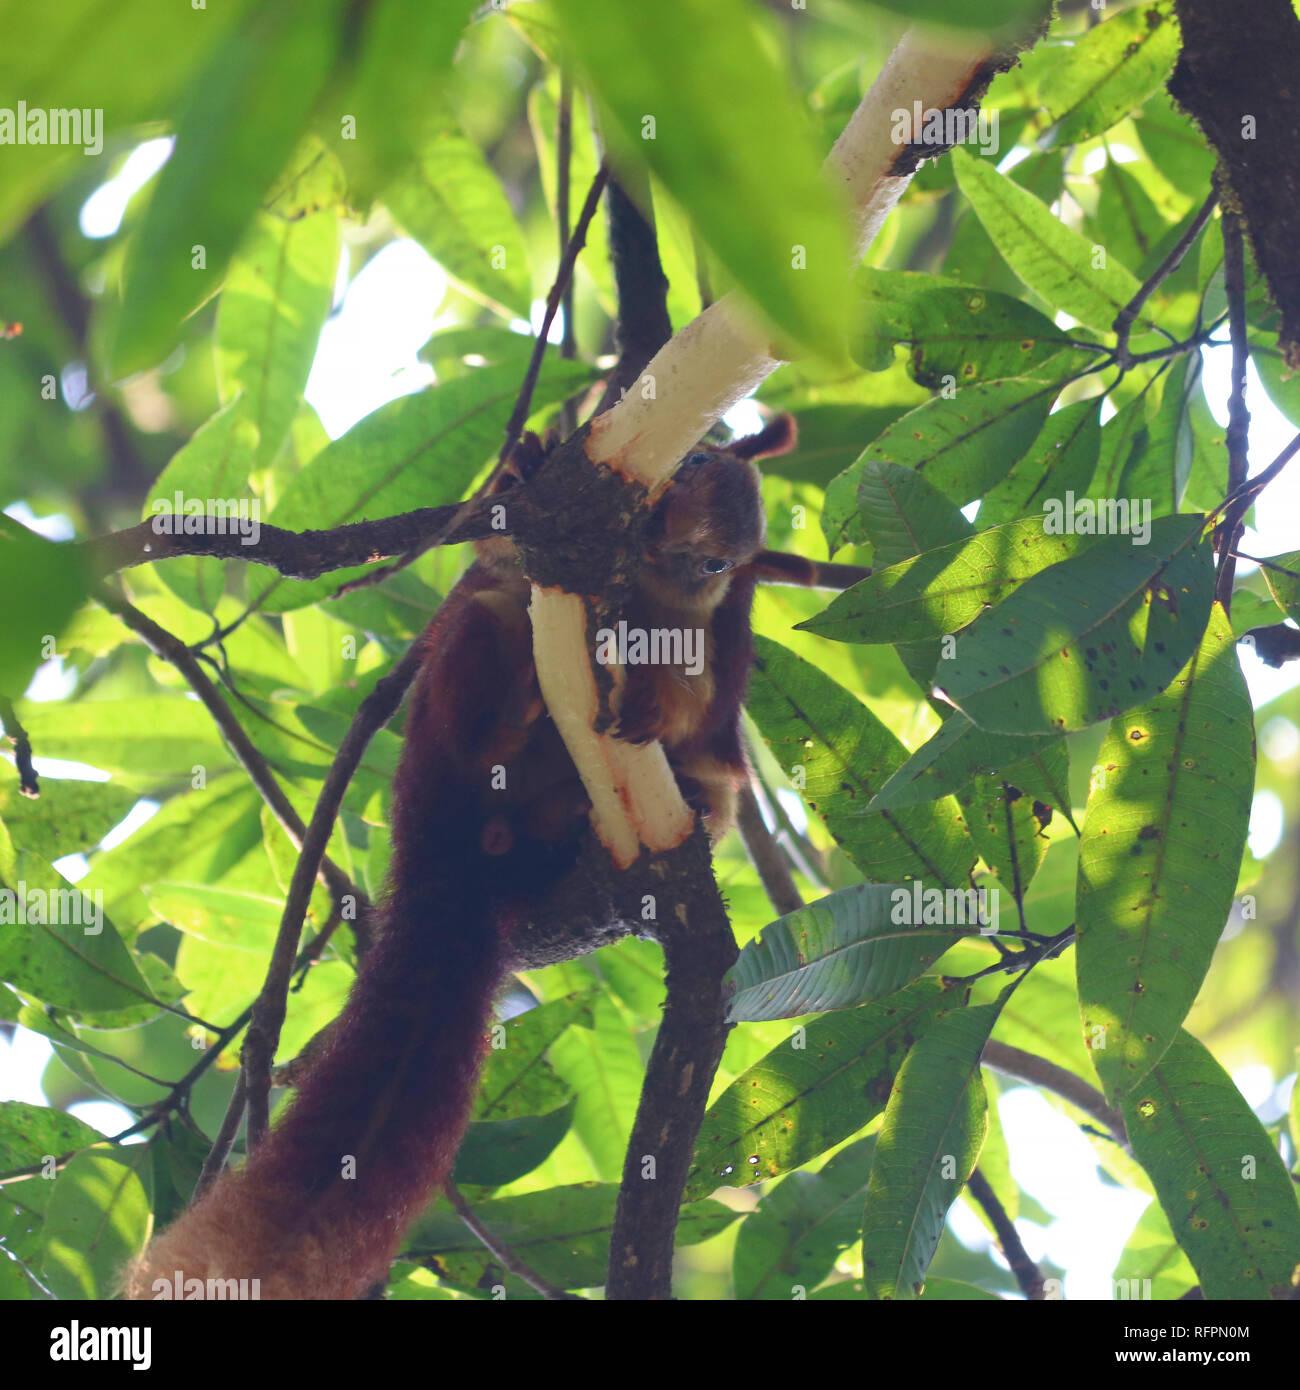 Malabar Écureuil géant se nourrit de l'écorce d'un manguier Photo Stock